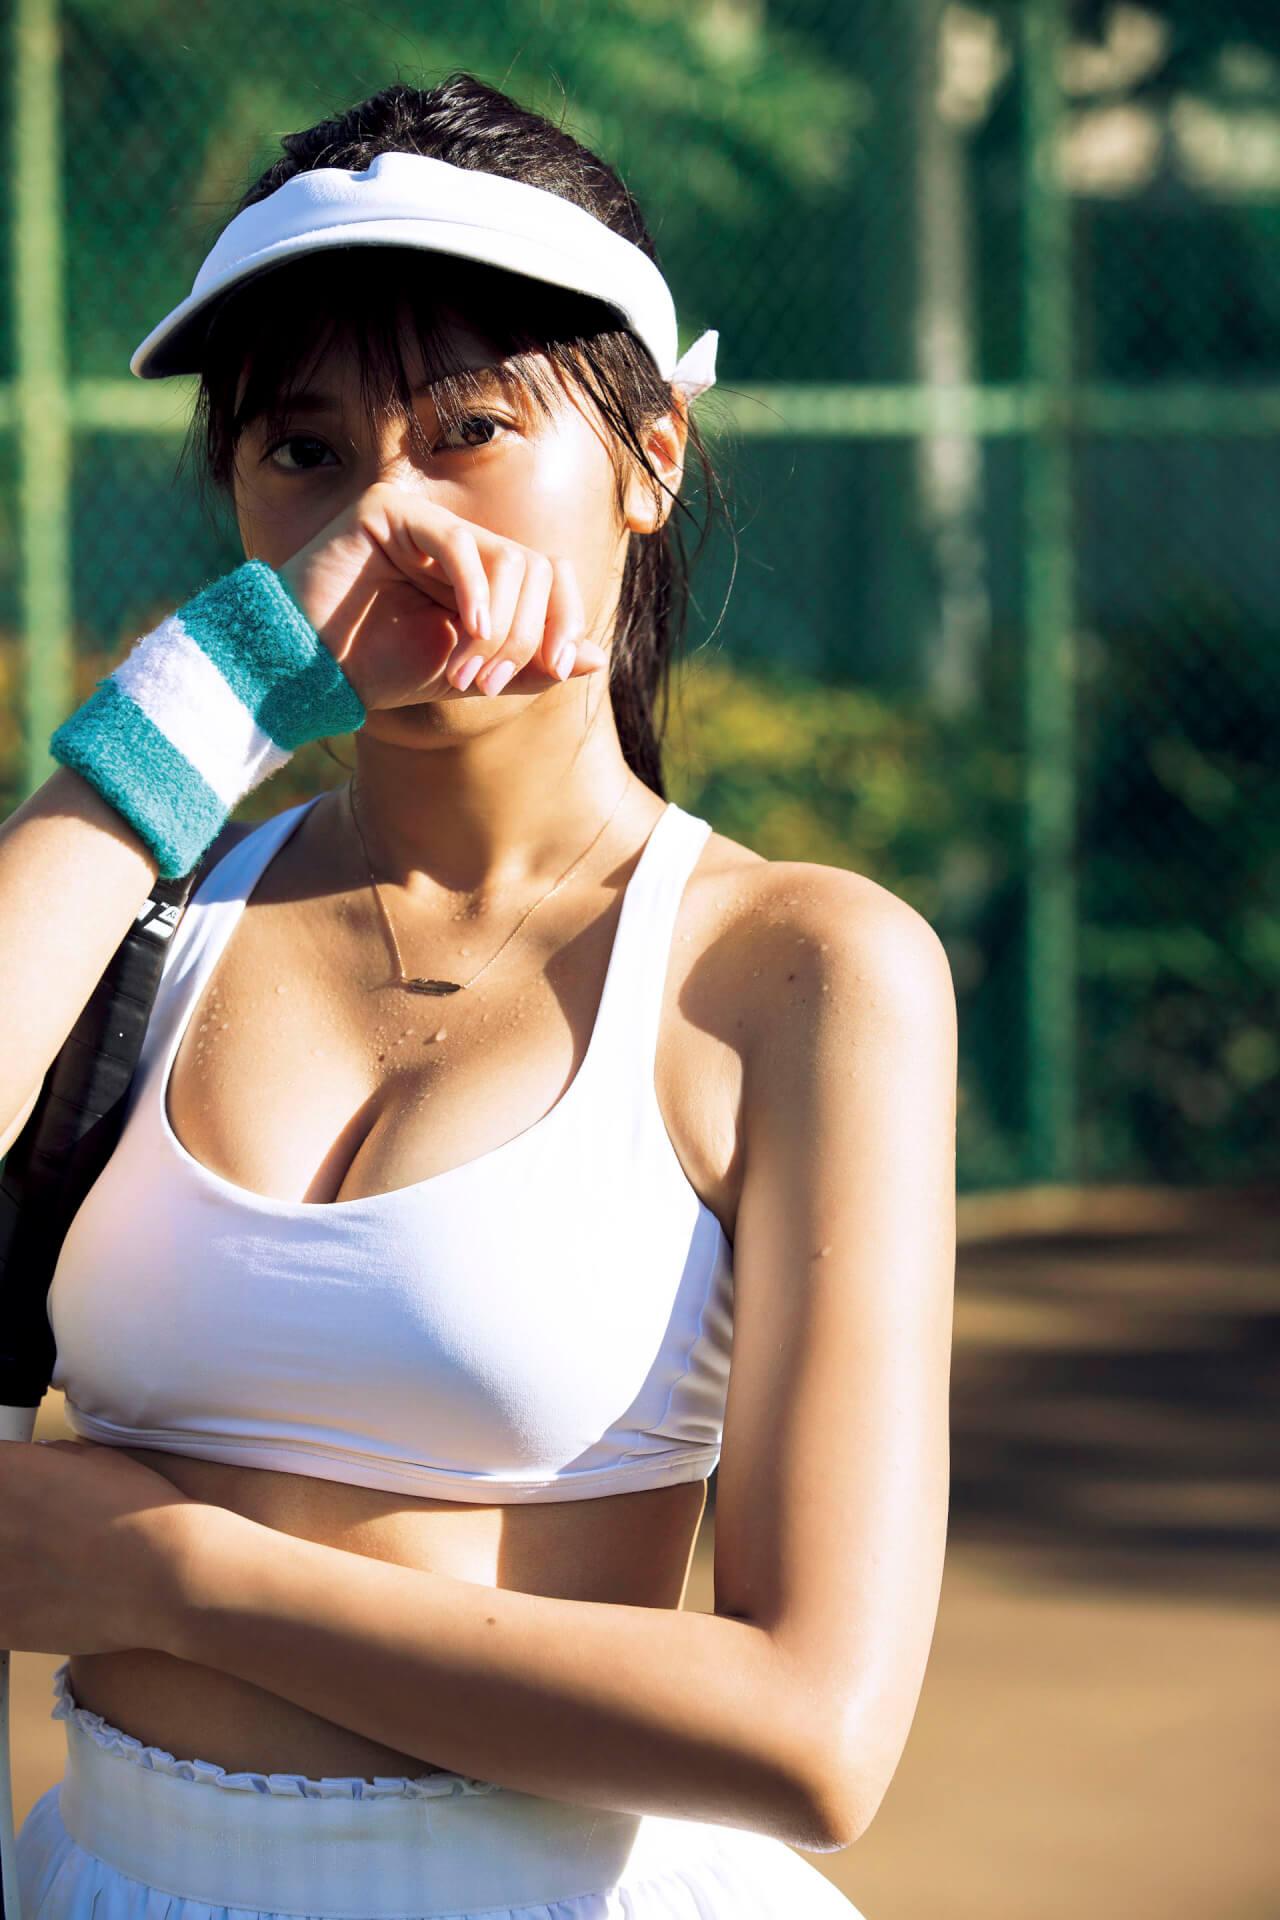 汗ばむ佐野ひなこの笑顔にドキッ!2年ぶりの写真集『Hina』のアザーカットが『FLASH』で独占公開 art200303_sanohinako_1